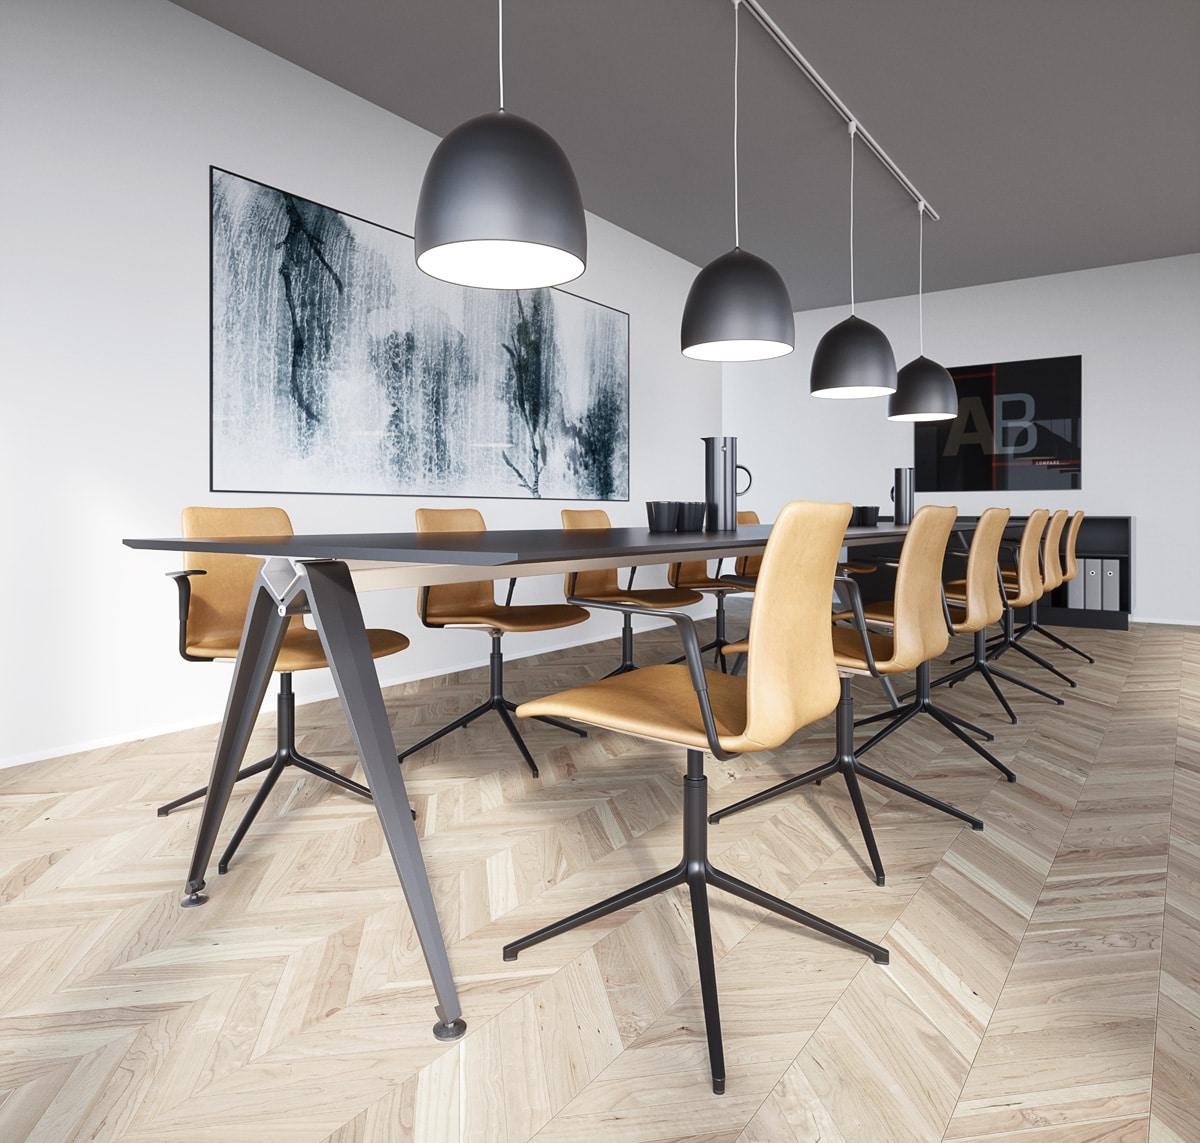 Grip Meeting tafels van Randers + Radius